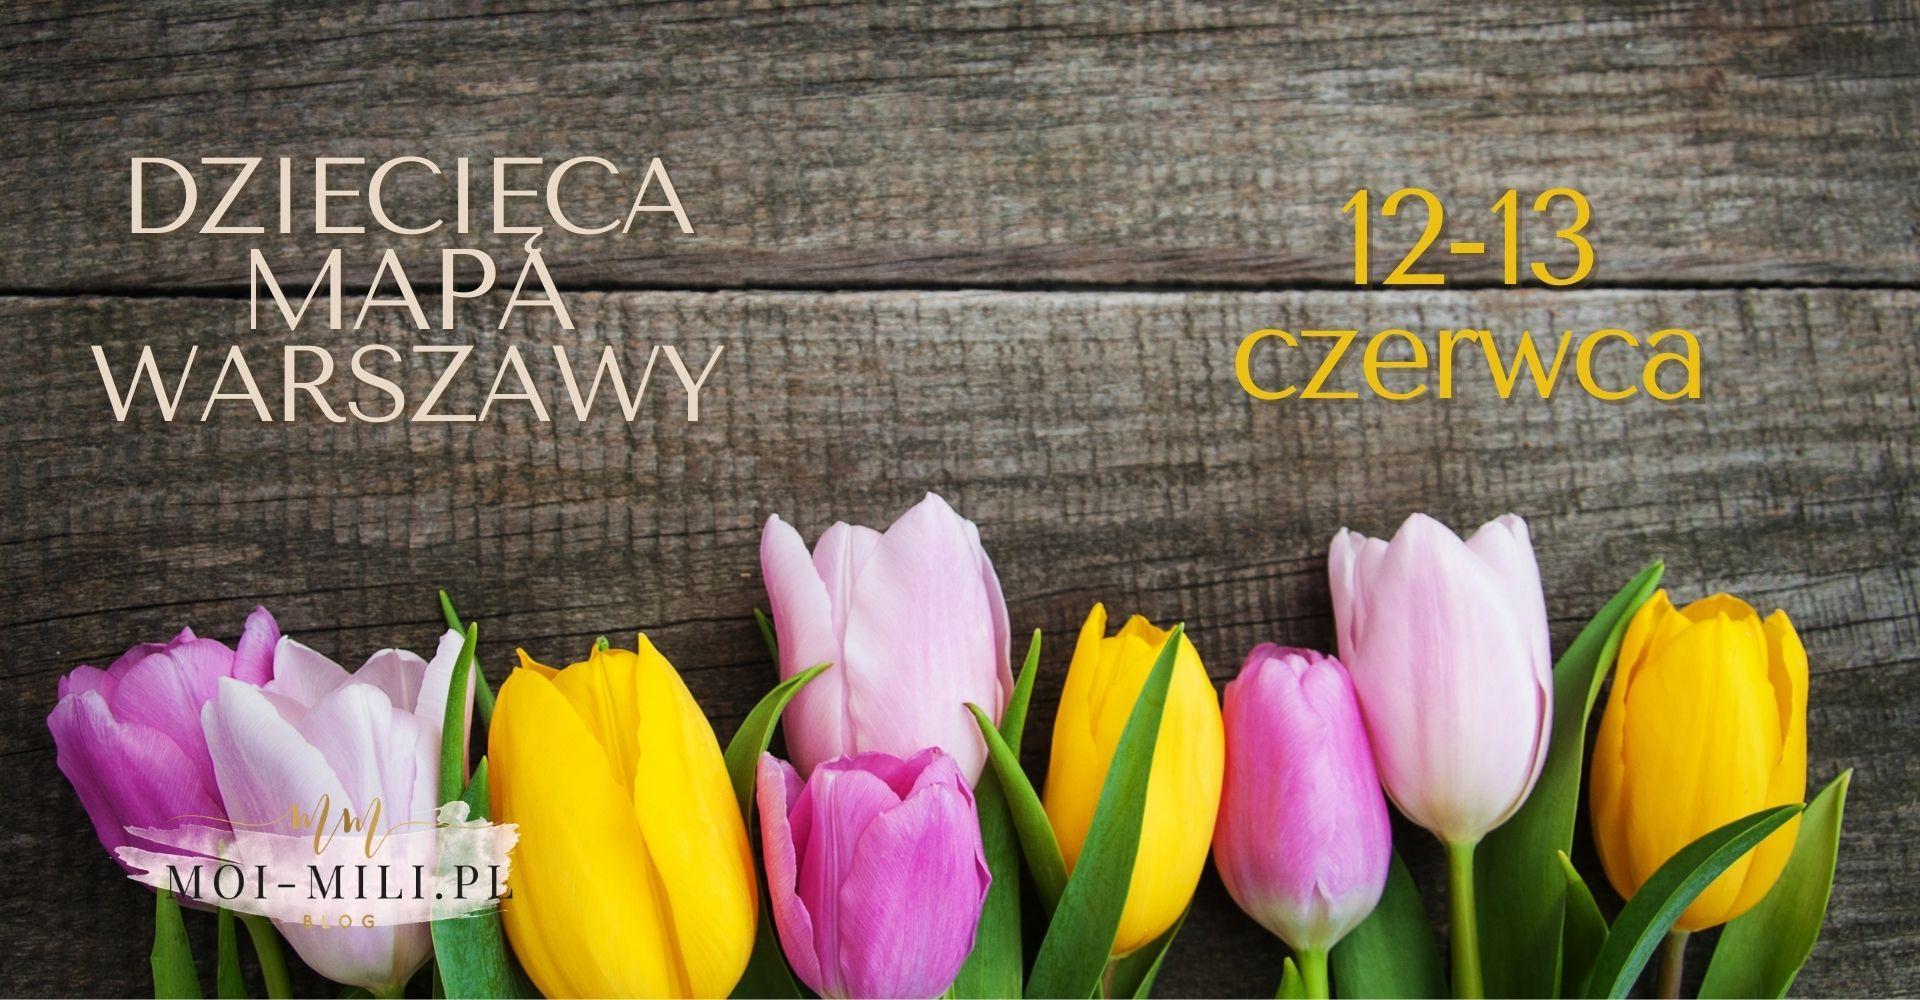 Weekendowa Zajawka, czyli co robić z dzieckiem w Warszawie 12-13 czerwca